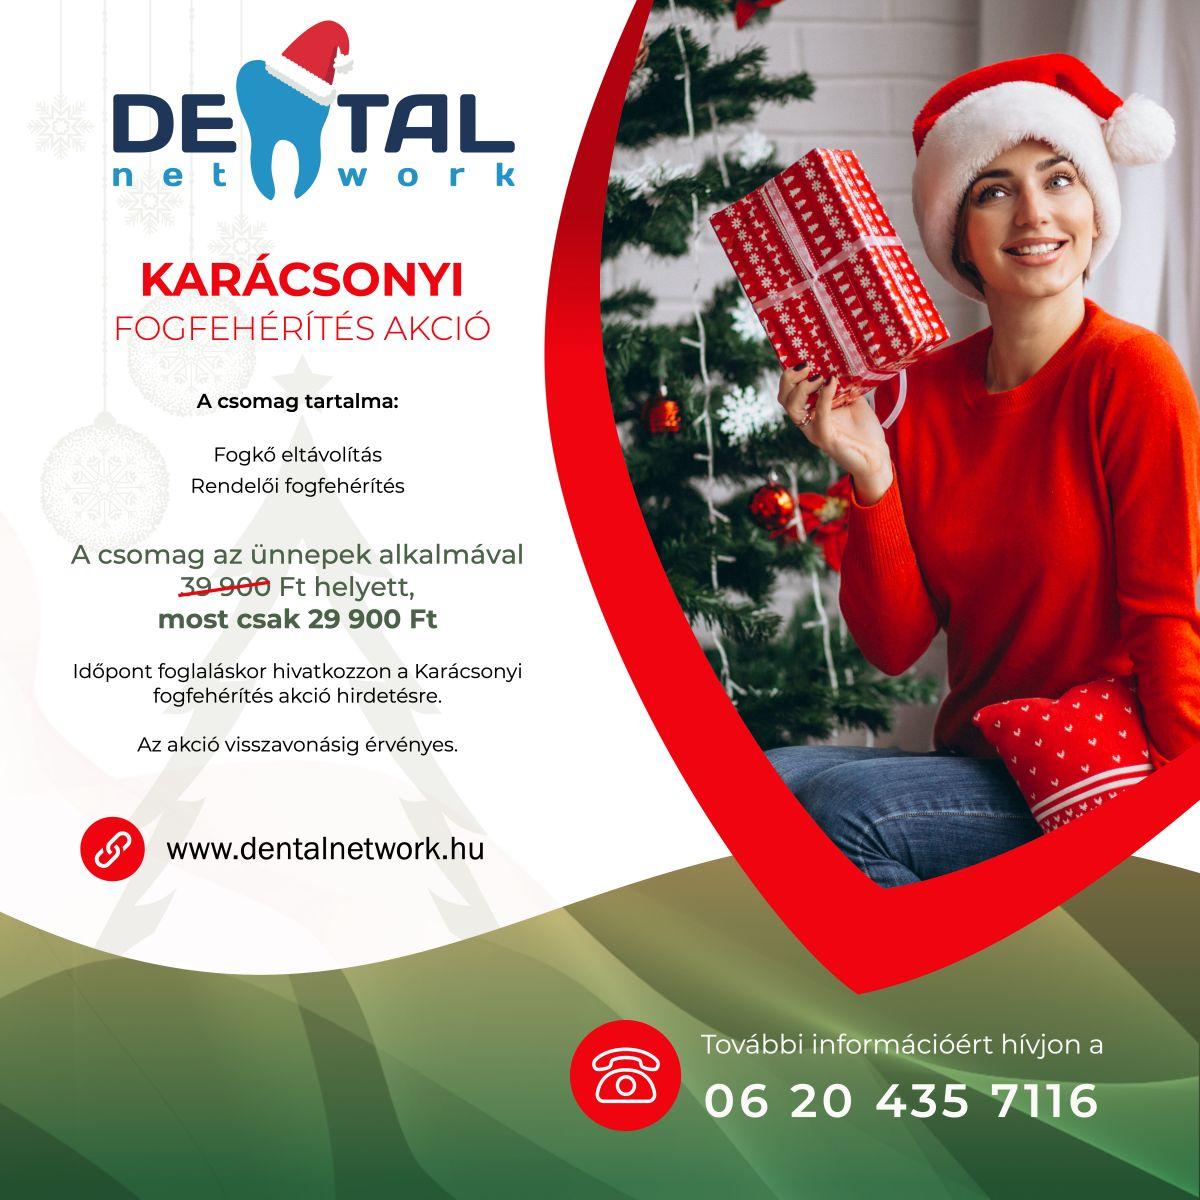 Grand Park Dental Fogászat - Karácsonyi akció - Fogfehérítés